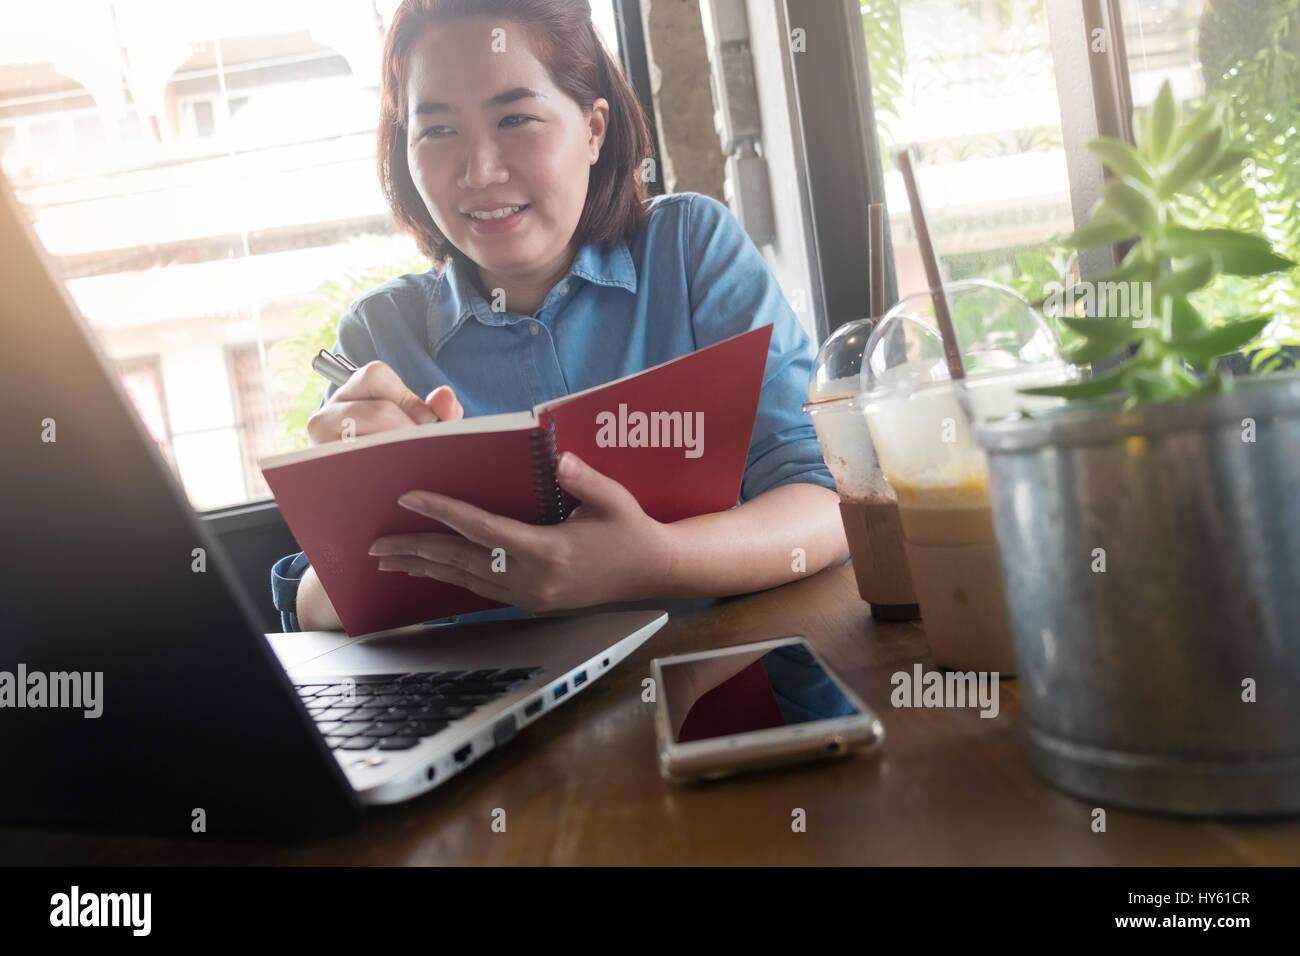 Joven asiático hipster mujer escribiendo en el portátil mientras se trabaja con el ordenador portátil Imagen De Stock